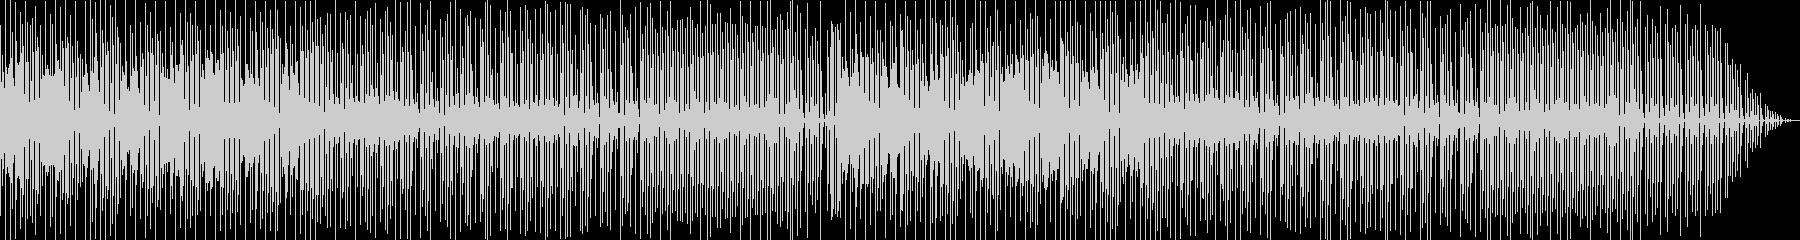 レトロフューチャーな雰囲気のテクノポップの未再生の波形